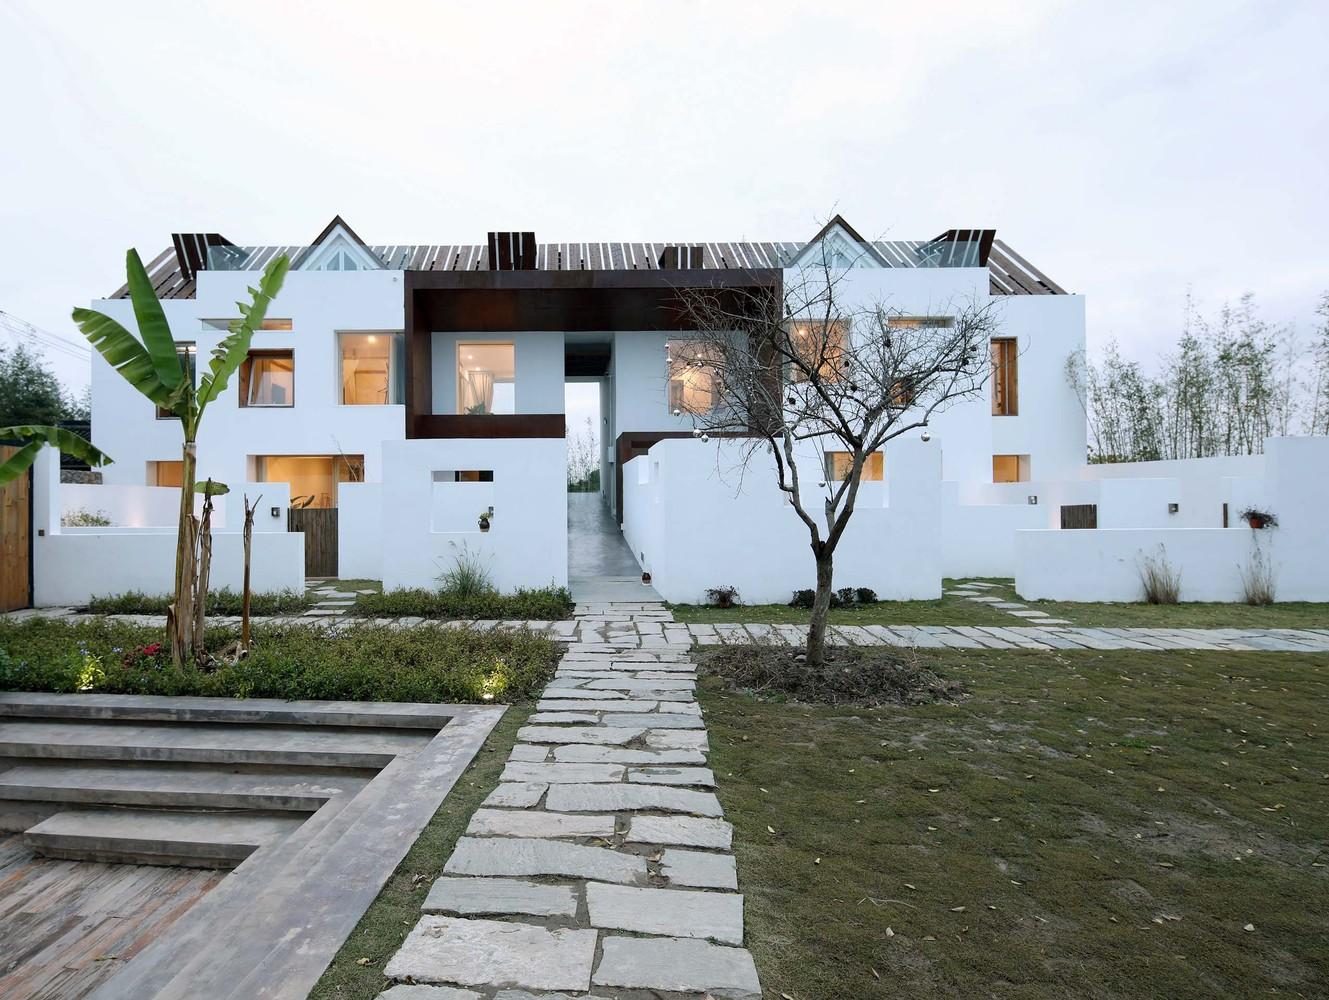 طراحی فضای اقامتی - هتل جذابی در کشور چین با رویکرد طراحی های روستیک